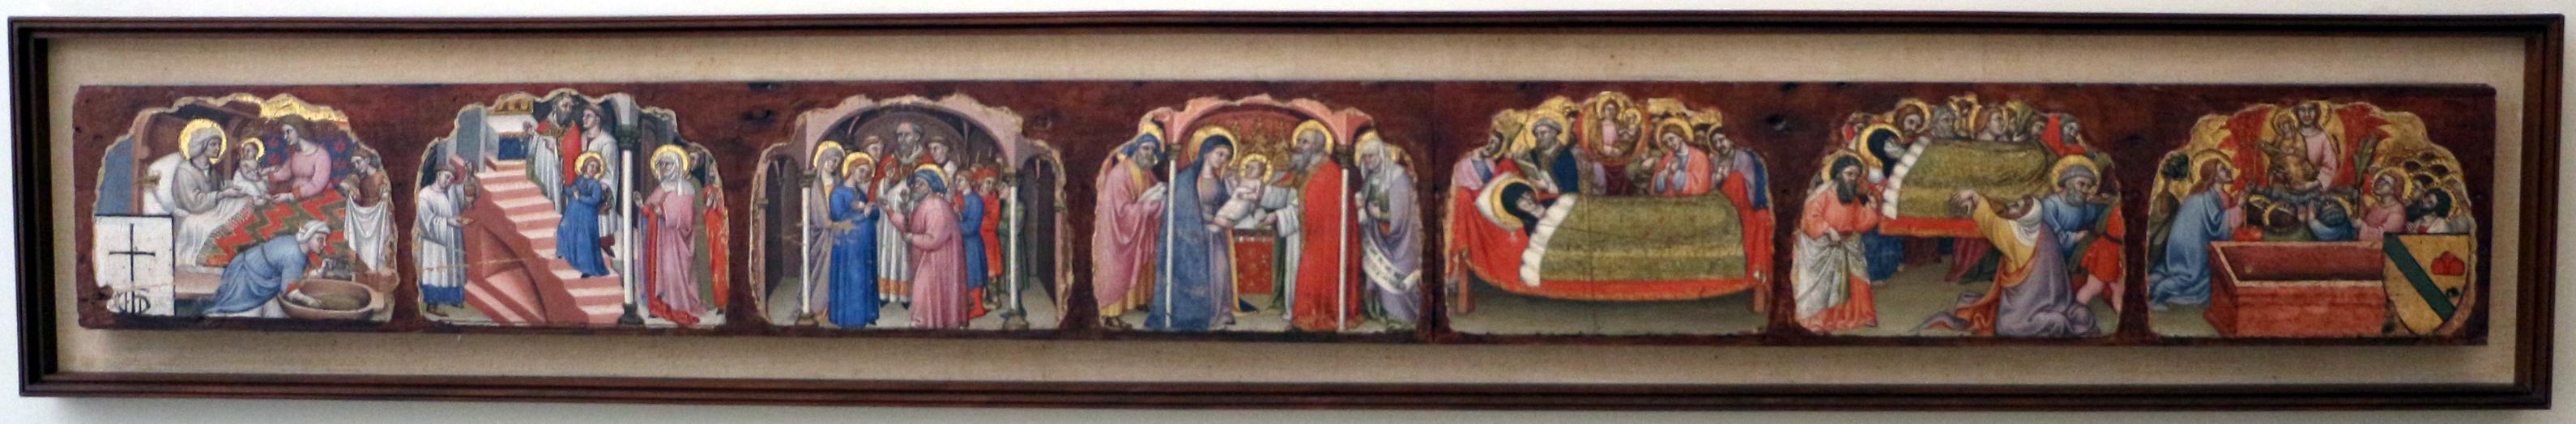 Simone dei crocifissi, sette episodi della vita di maria1396-98 ca, da polittico cospi in s. petronio 01 - Sailko - Bologna (BO)